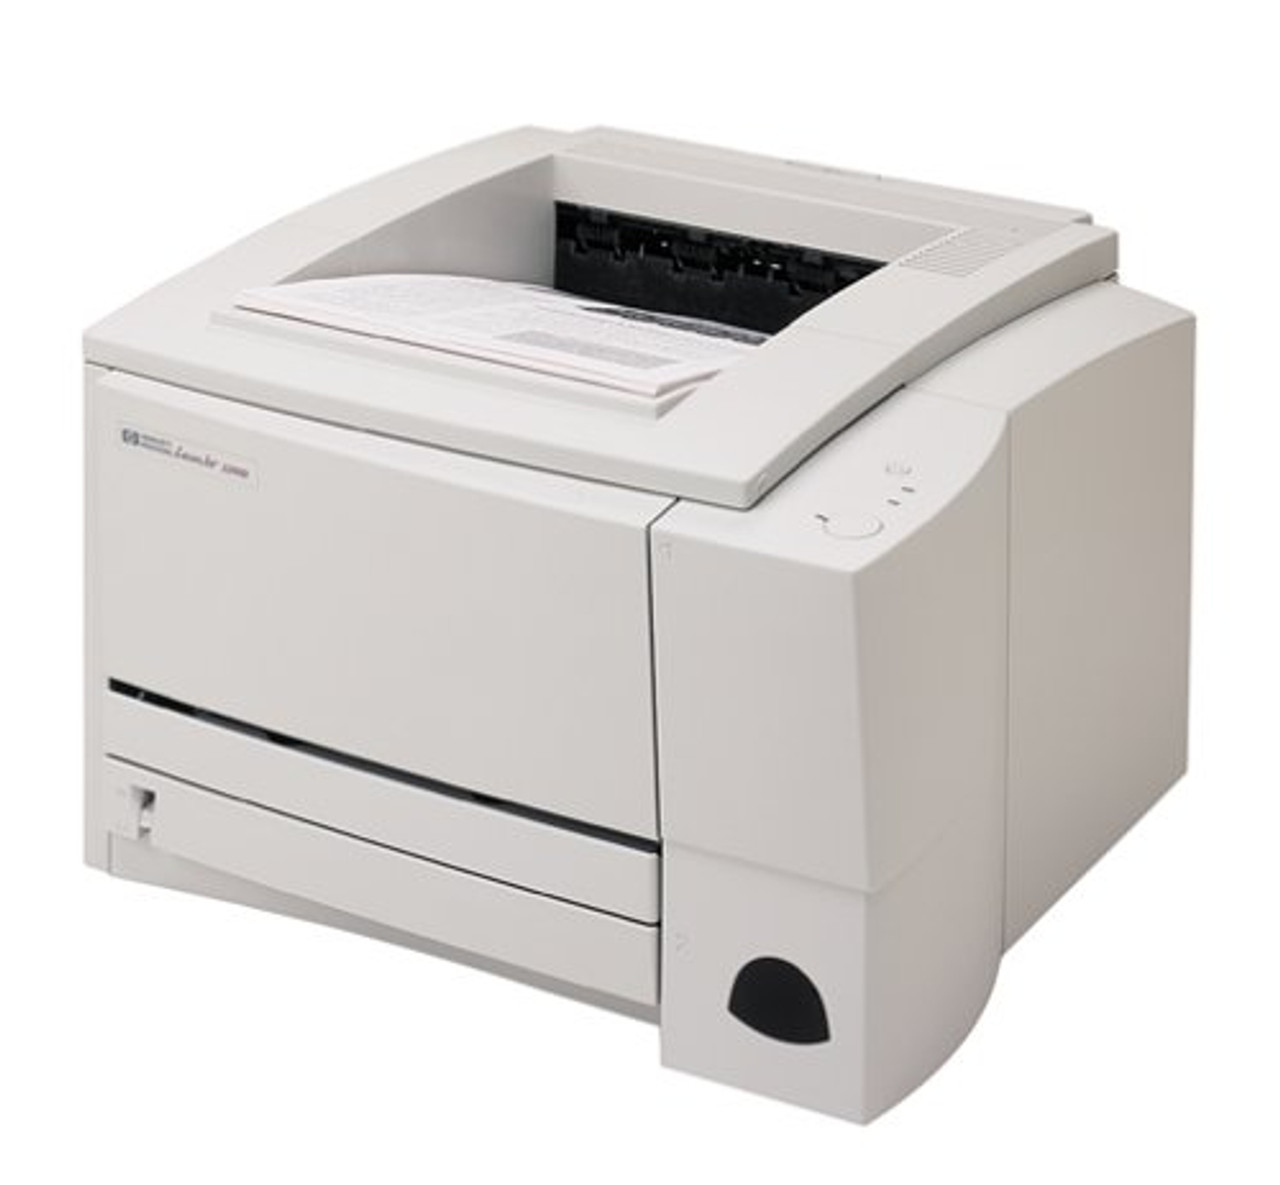 HP LaserJet 2200d - c7058a - Laser Printer